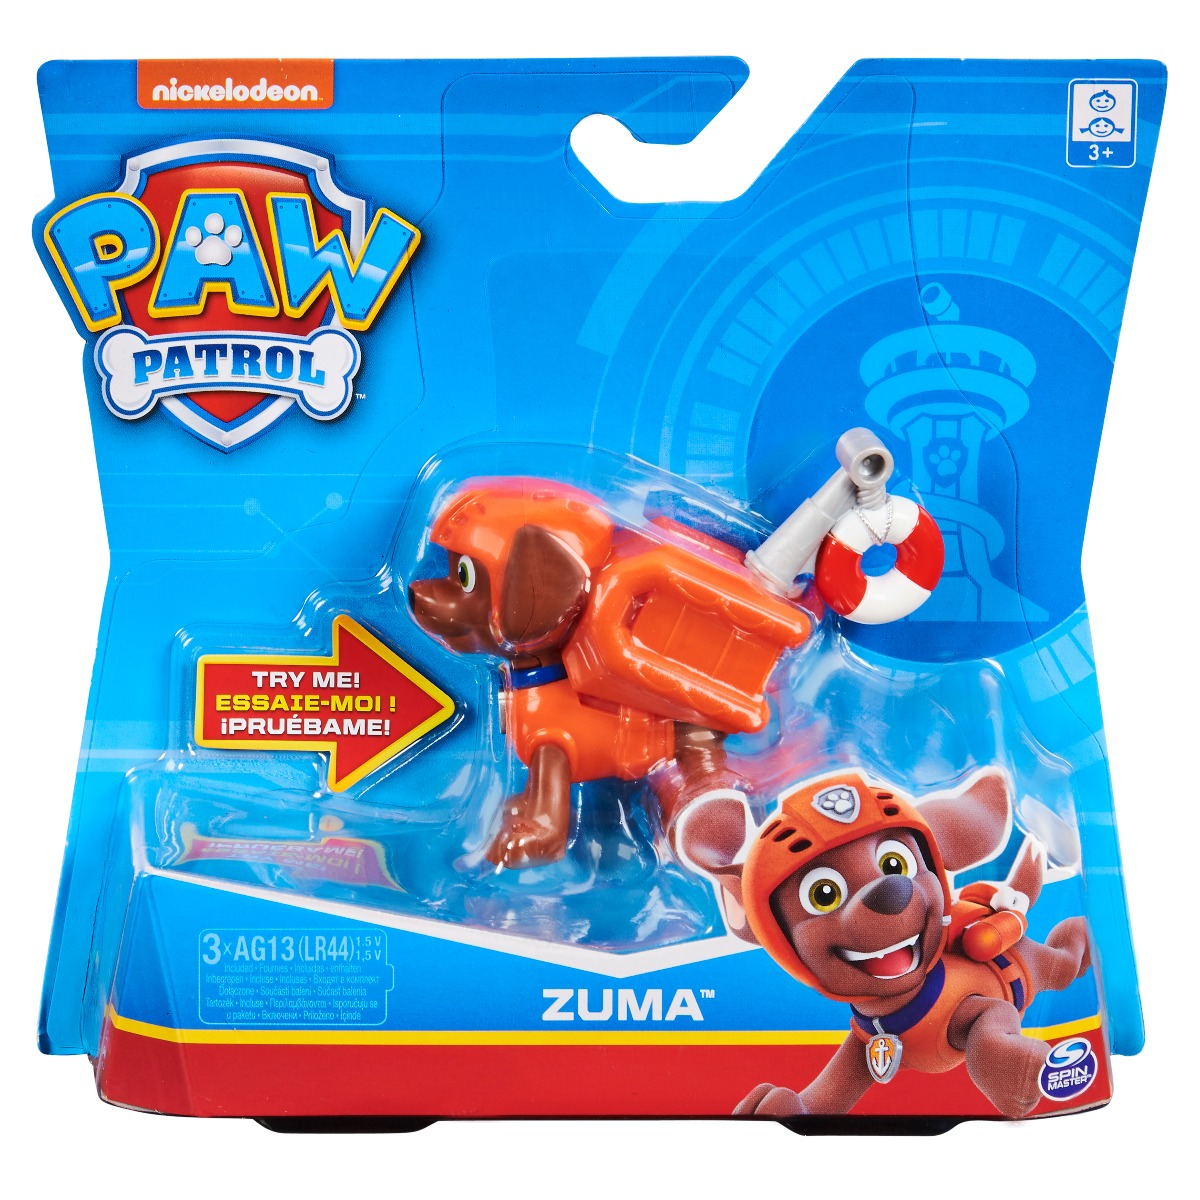 Figurina Paw Patrol, Zuma 20126398